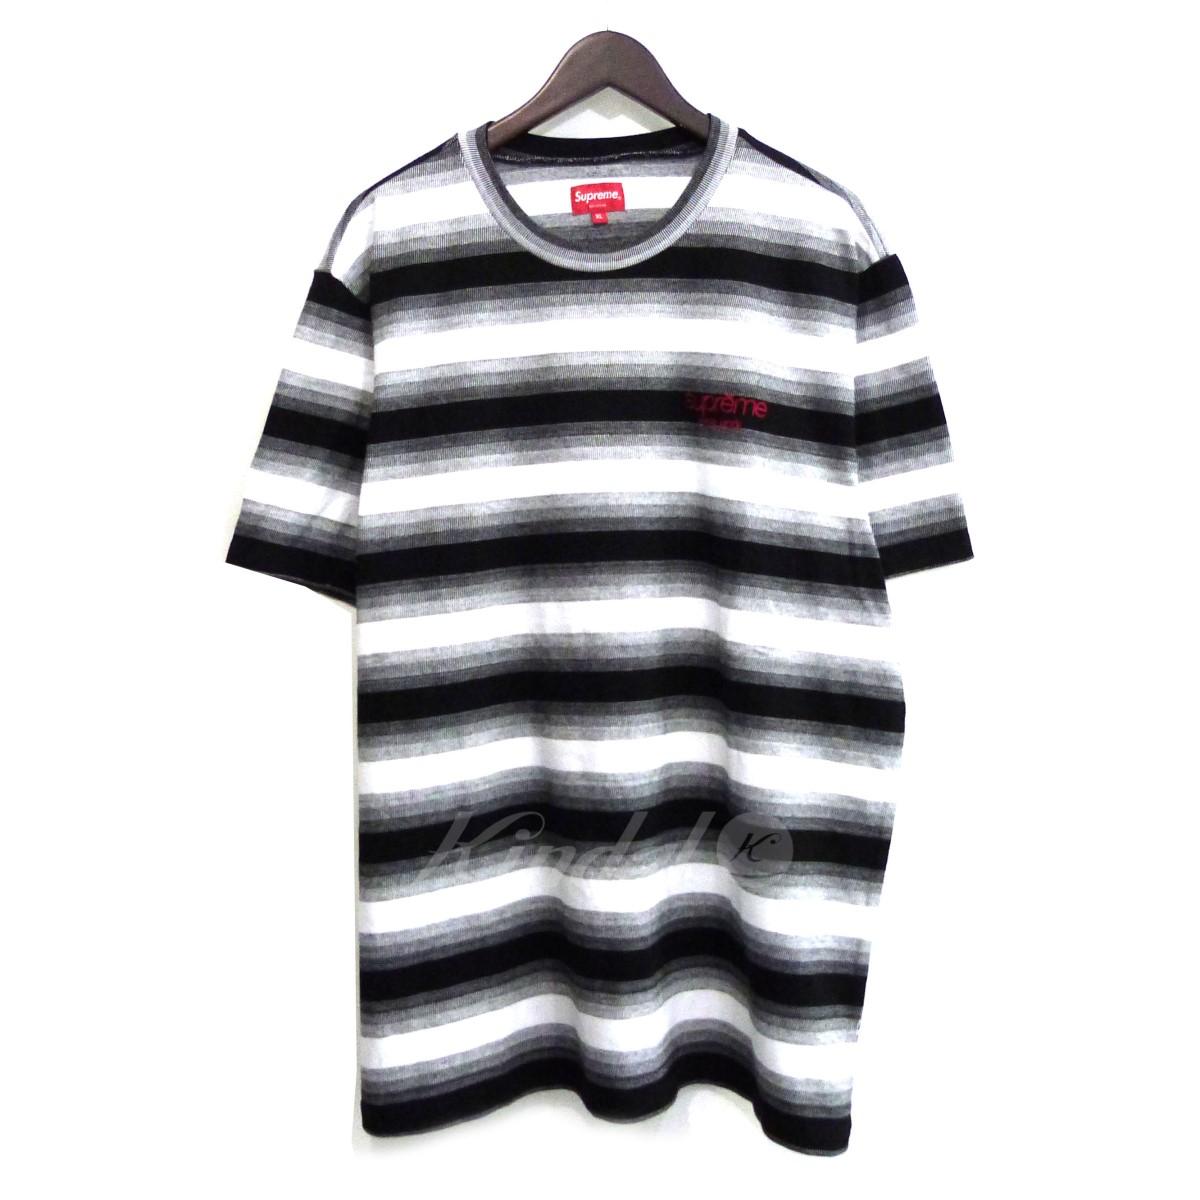 【中古】SUPREME 18AW「Gradient Striped S/S Top」ストライプTシャツ ブラック サイズ:XL 【送料無料】 【051018】(シュプリーム)